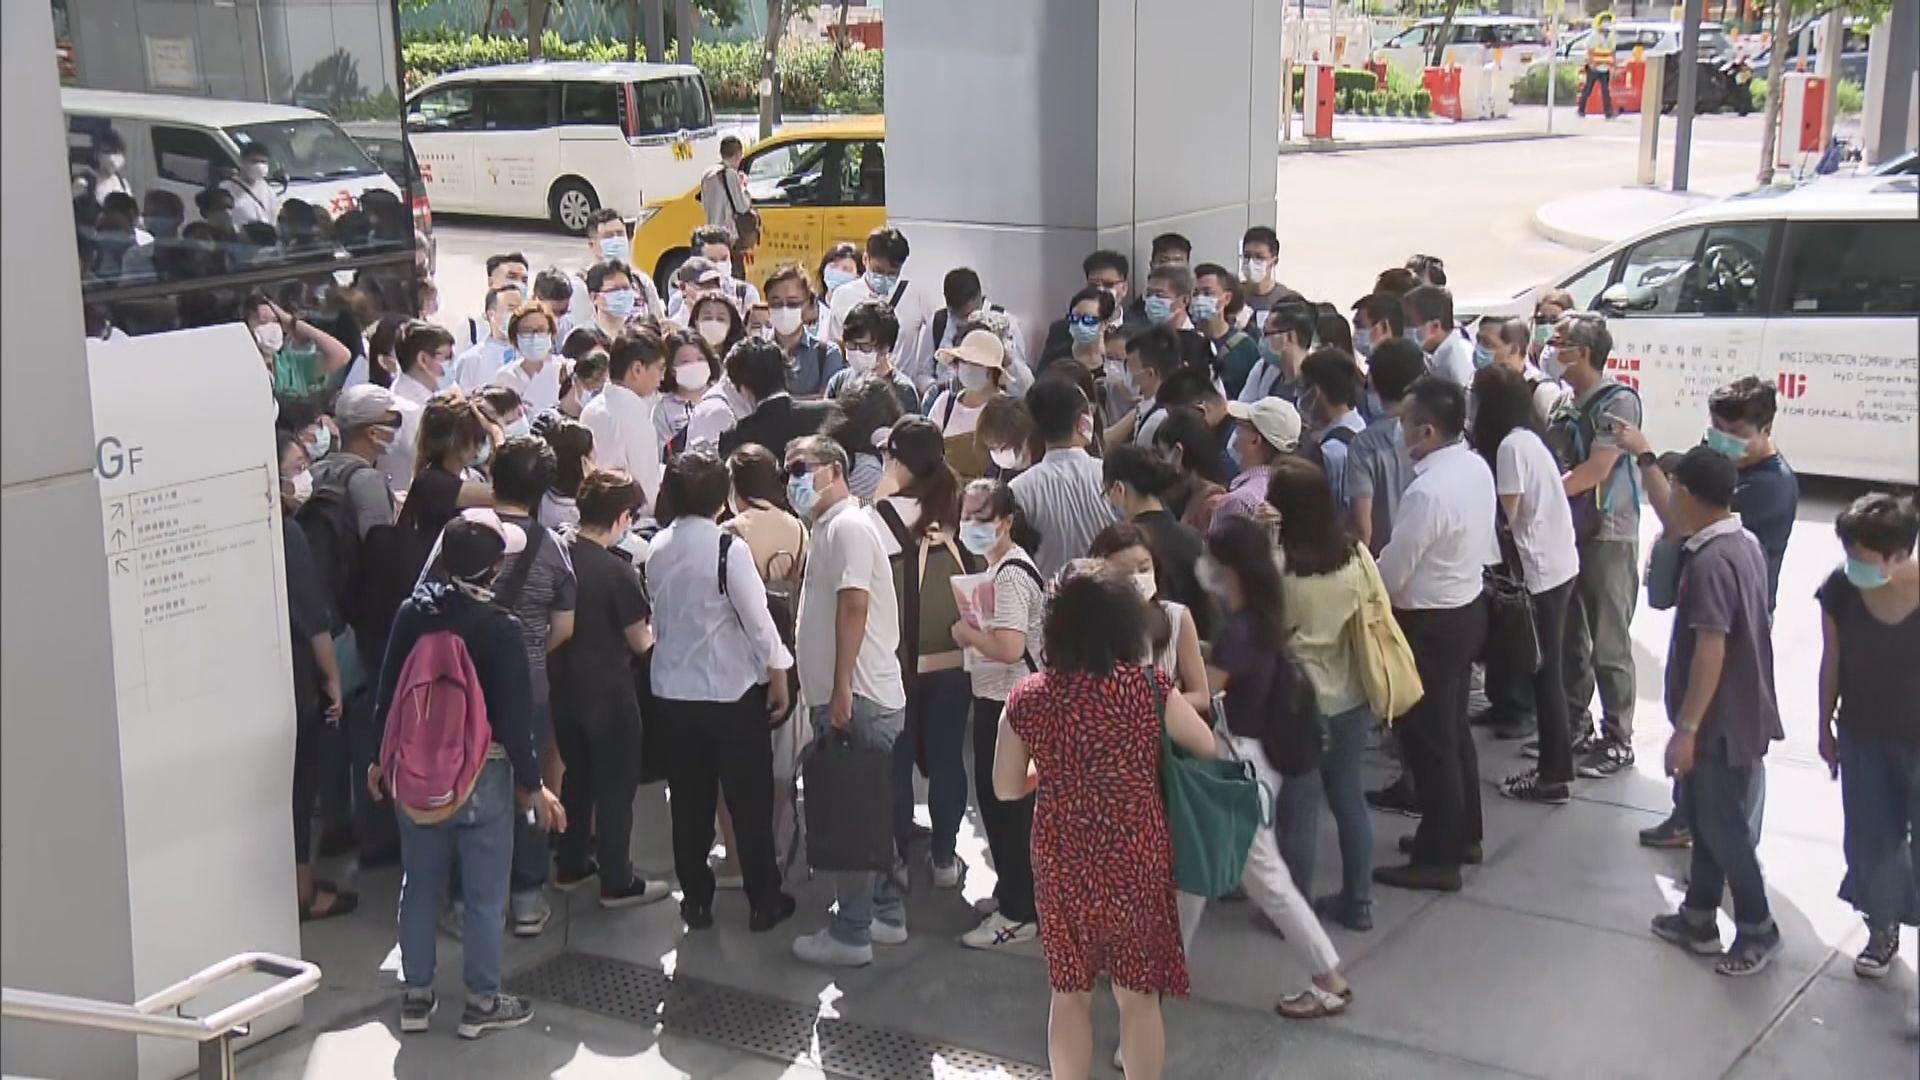 約200名體藝文及進出口界選民被反對資格